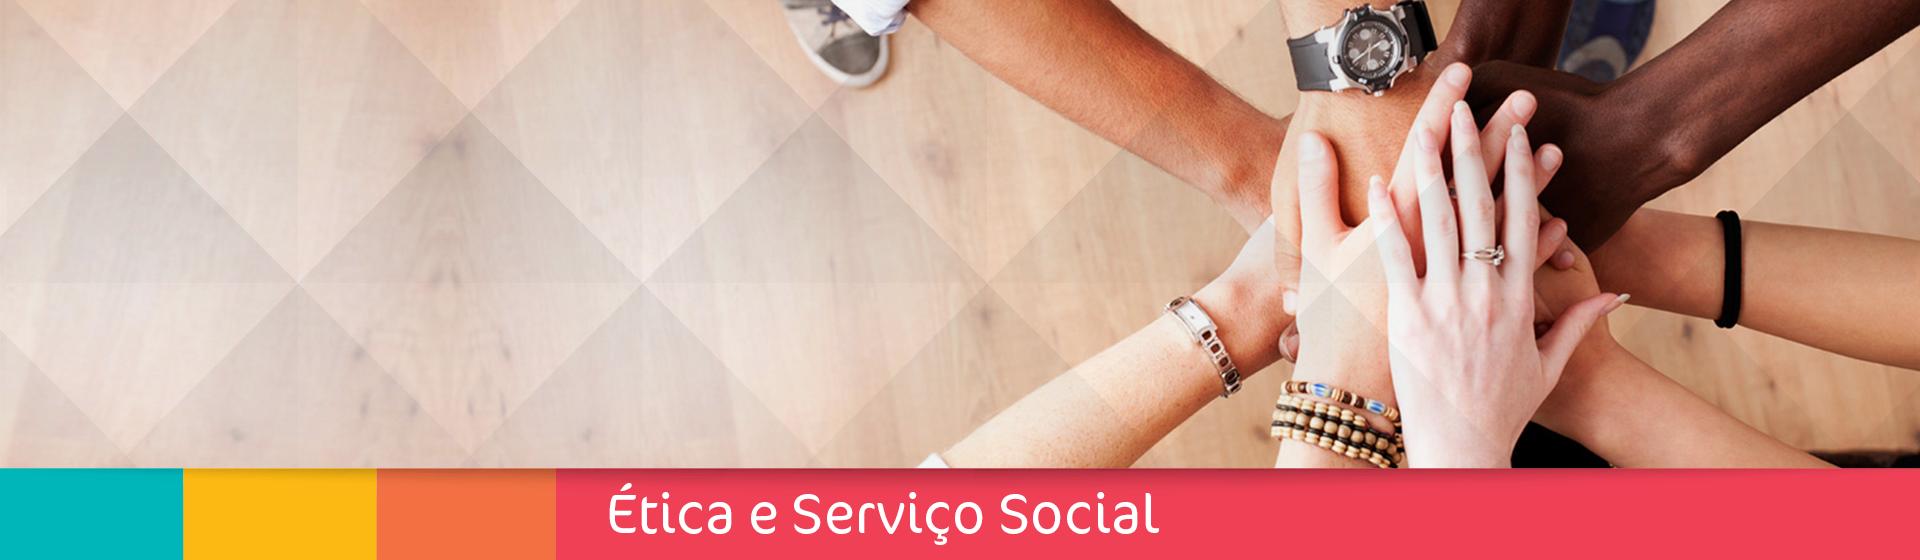 Etica servico social maior